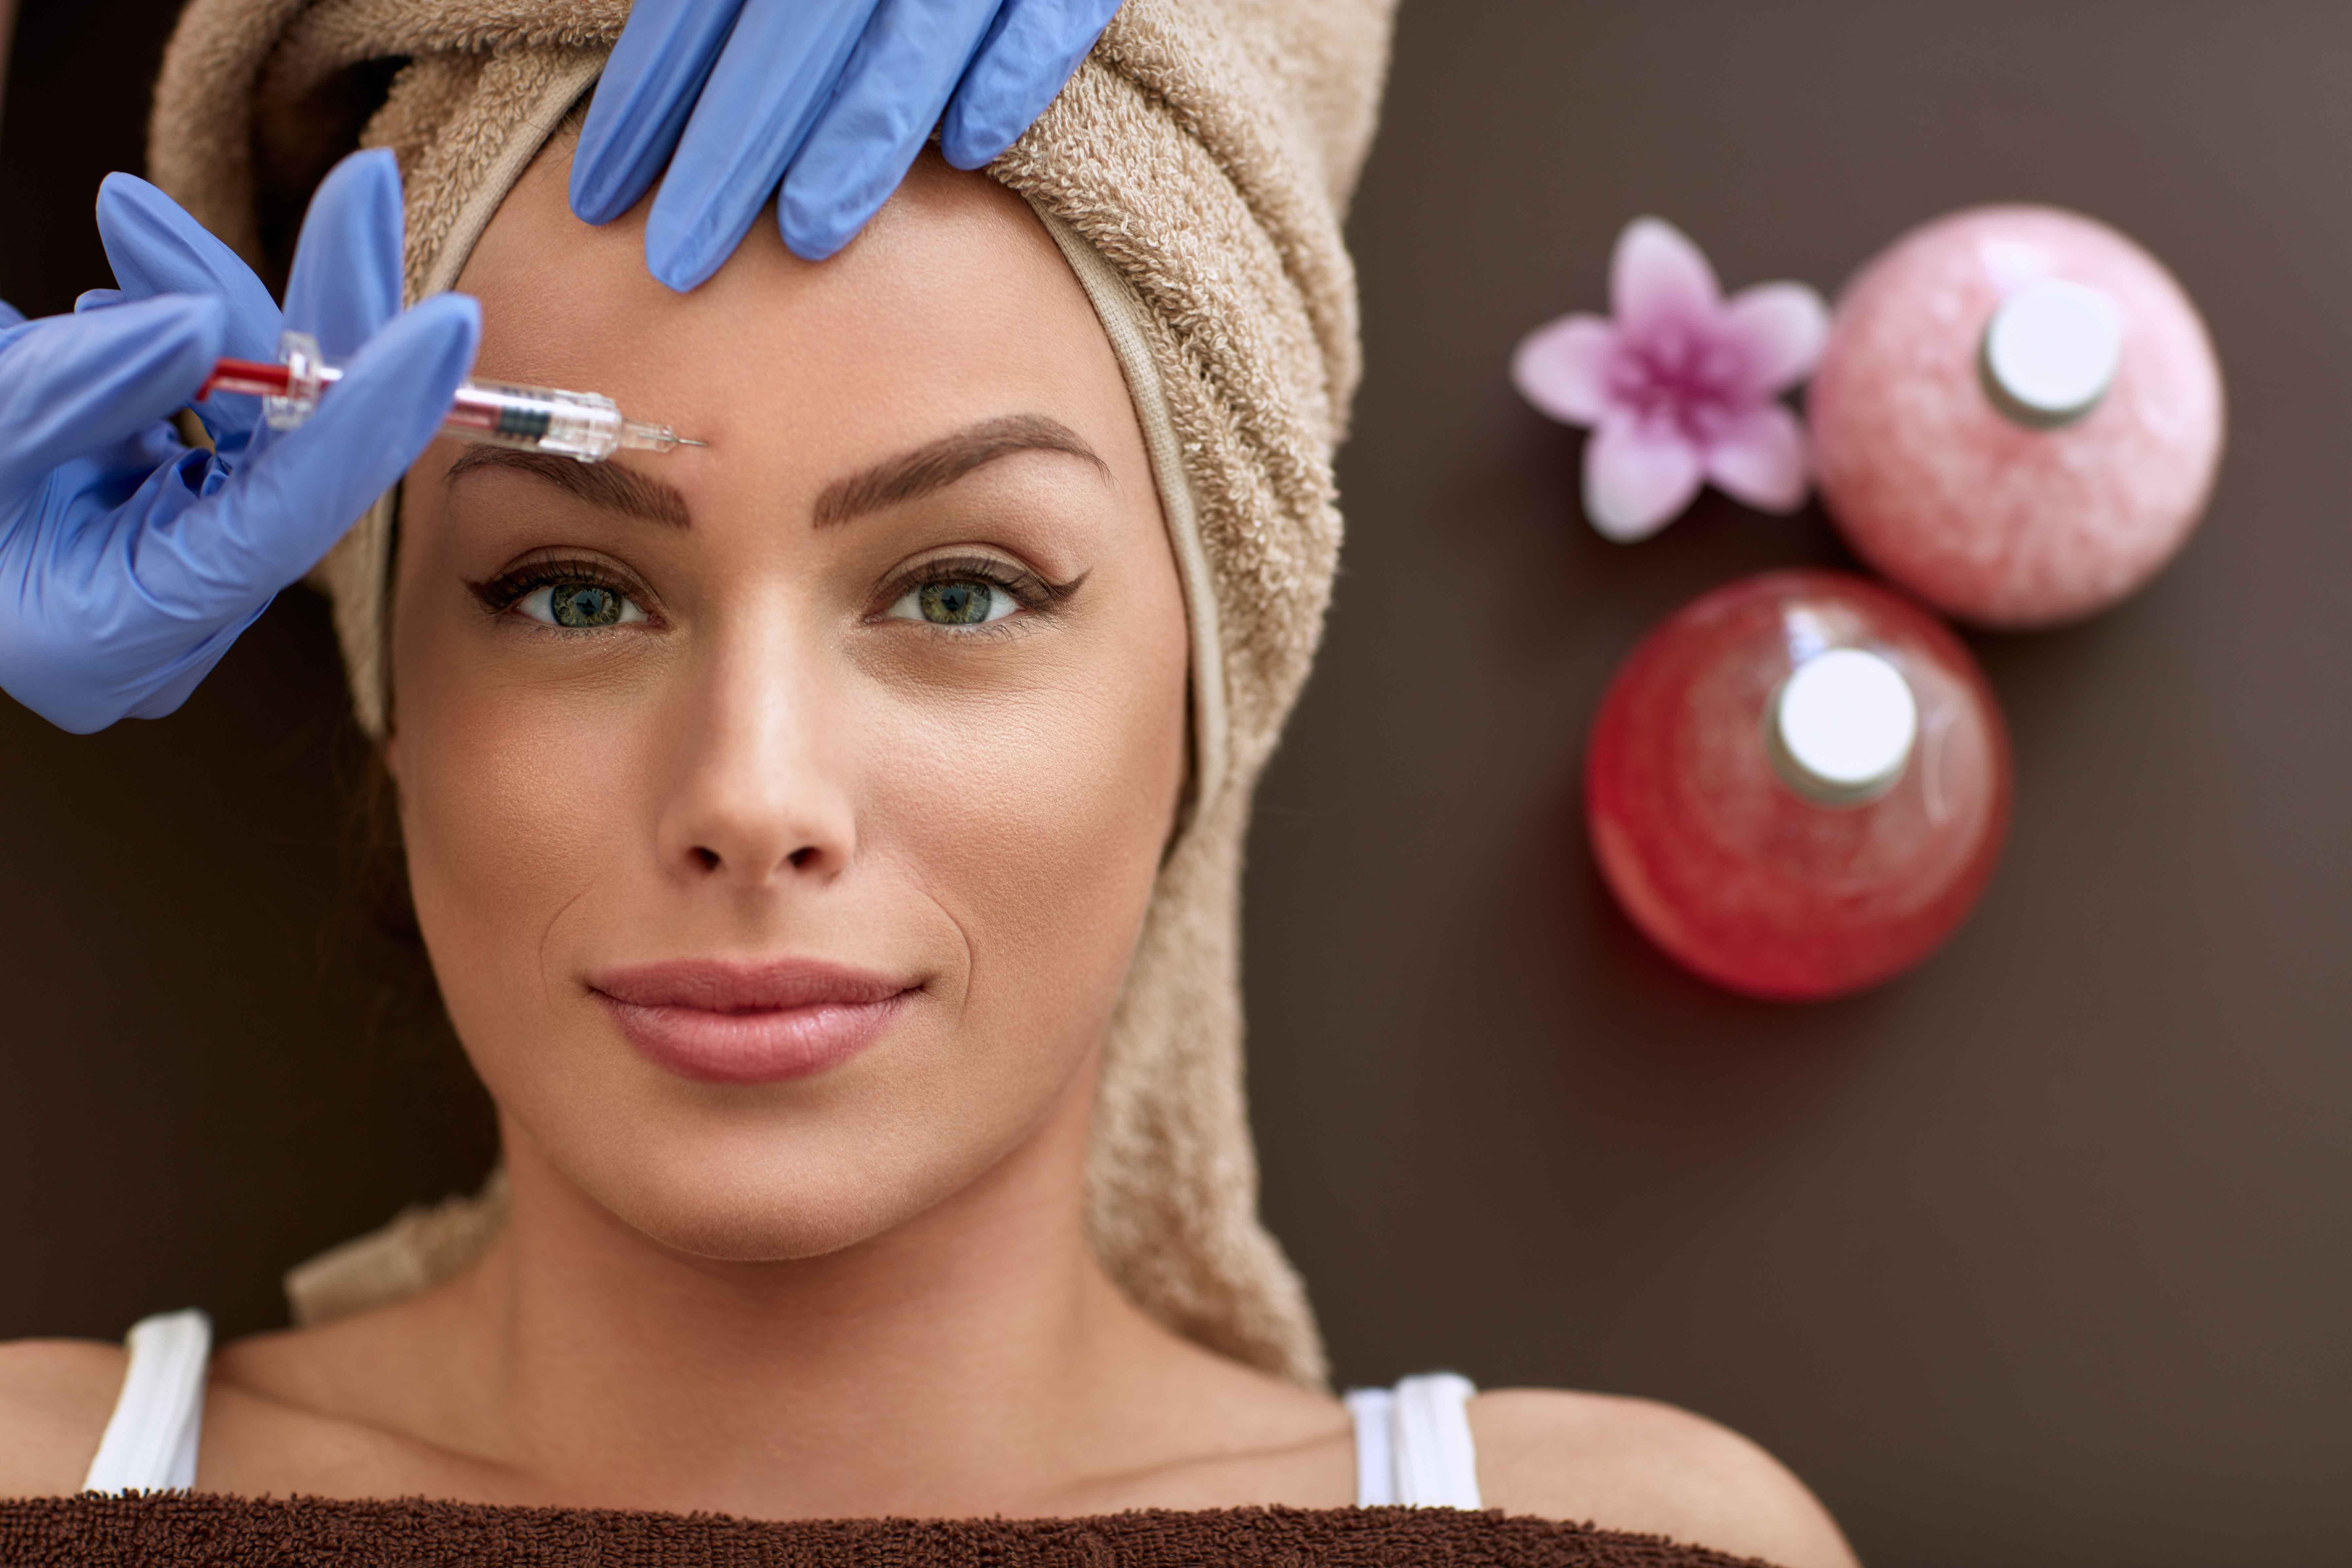 Beautiful woman receiving botox injections